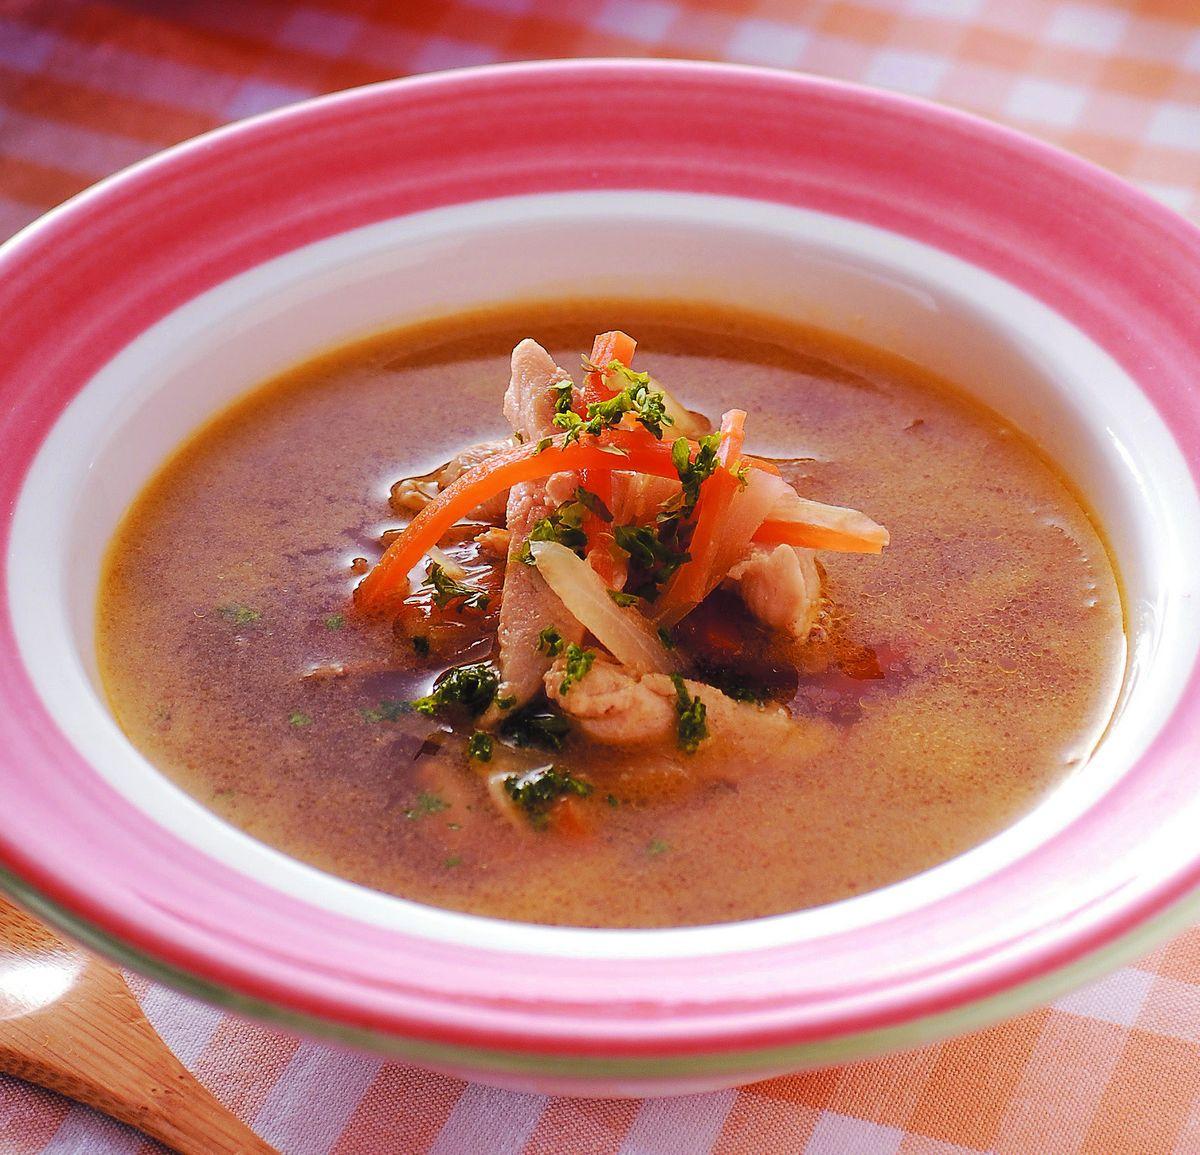 食譜:雞肉蔬菜清湯